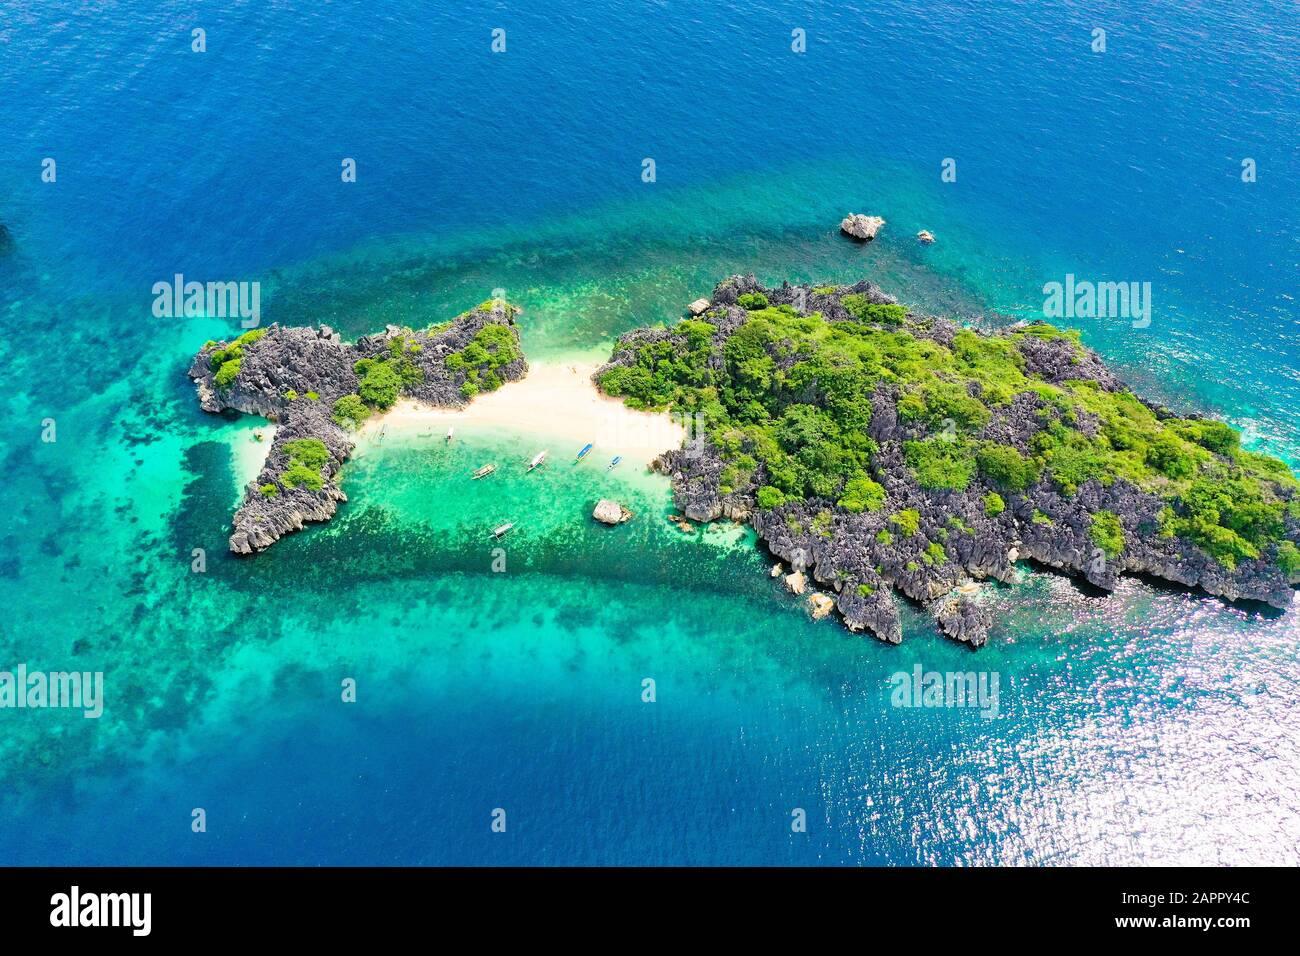 playa de arena tropical y vistas al agua turquesa desde arriba. Isla De Lahos, Islas Caramoan, Filipinas. Concepto de vacaciones de verano y viajes. Foto de stock